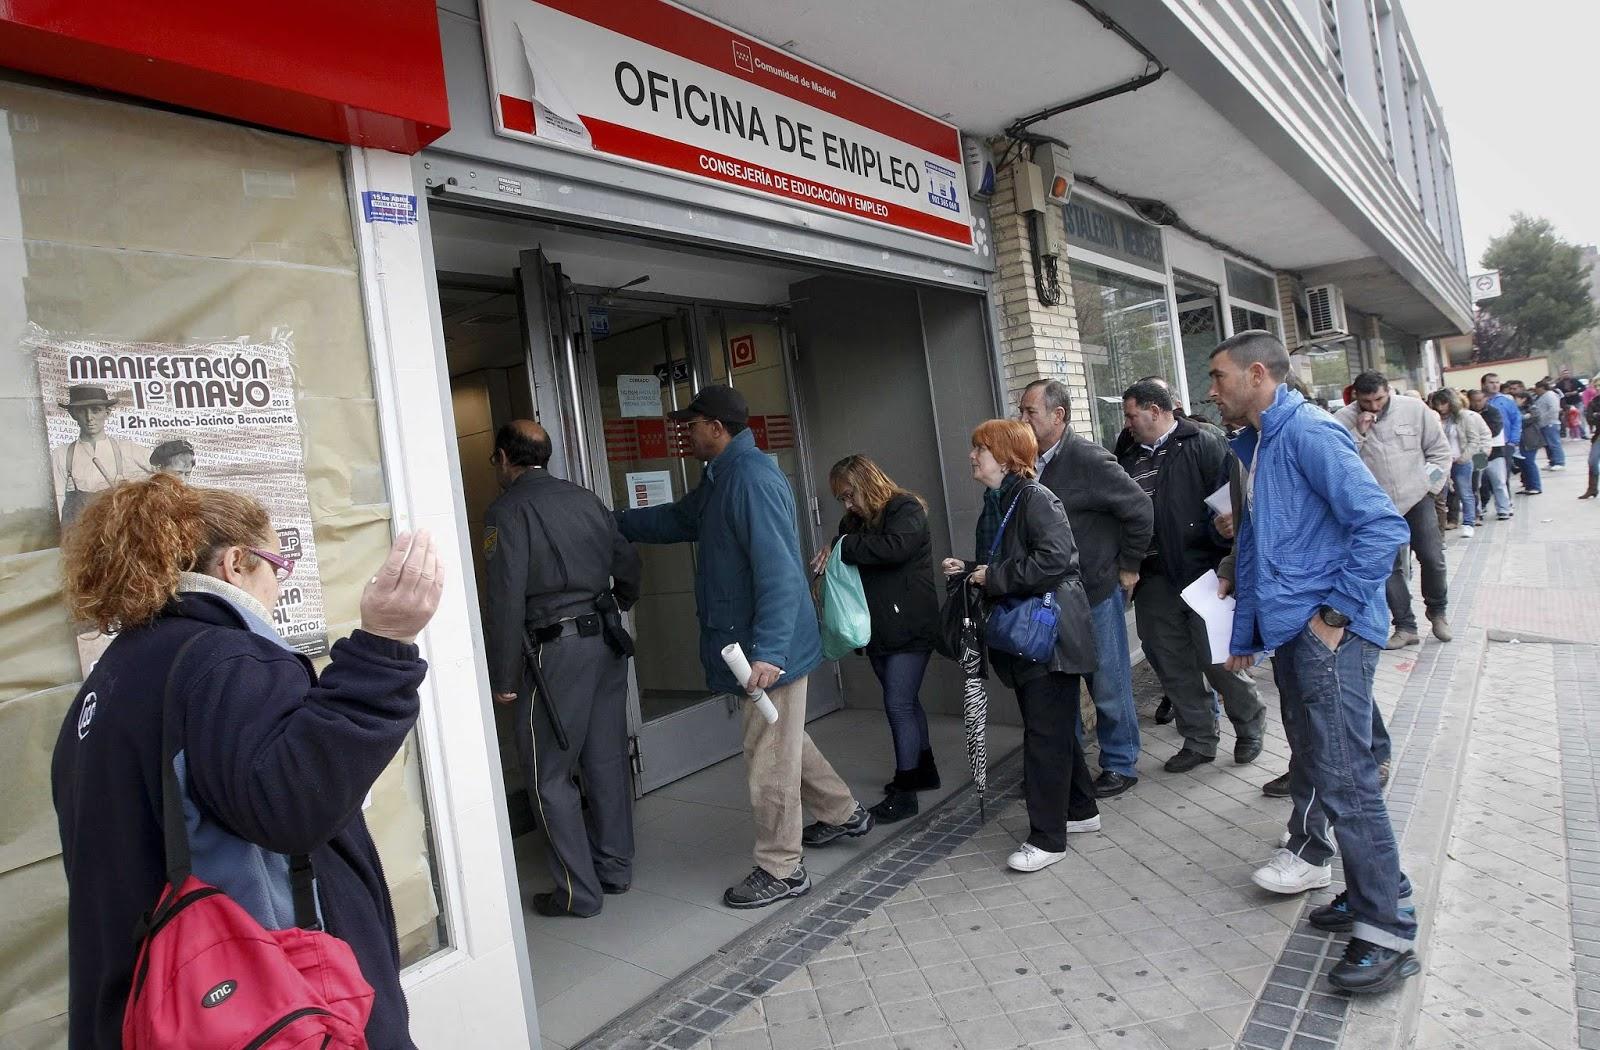 España: El coronavirus destruyó casi 300.000 empleos y paralizó a medio millón de trabajadores